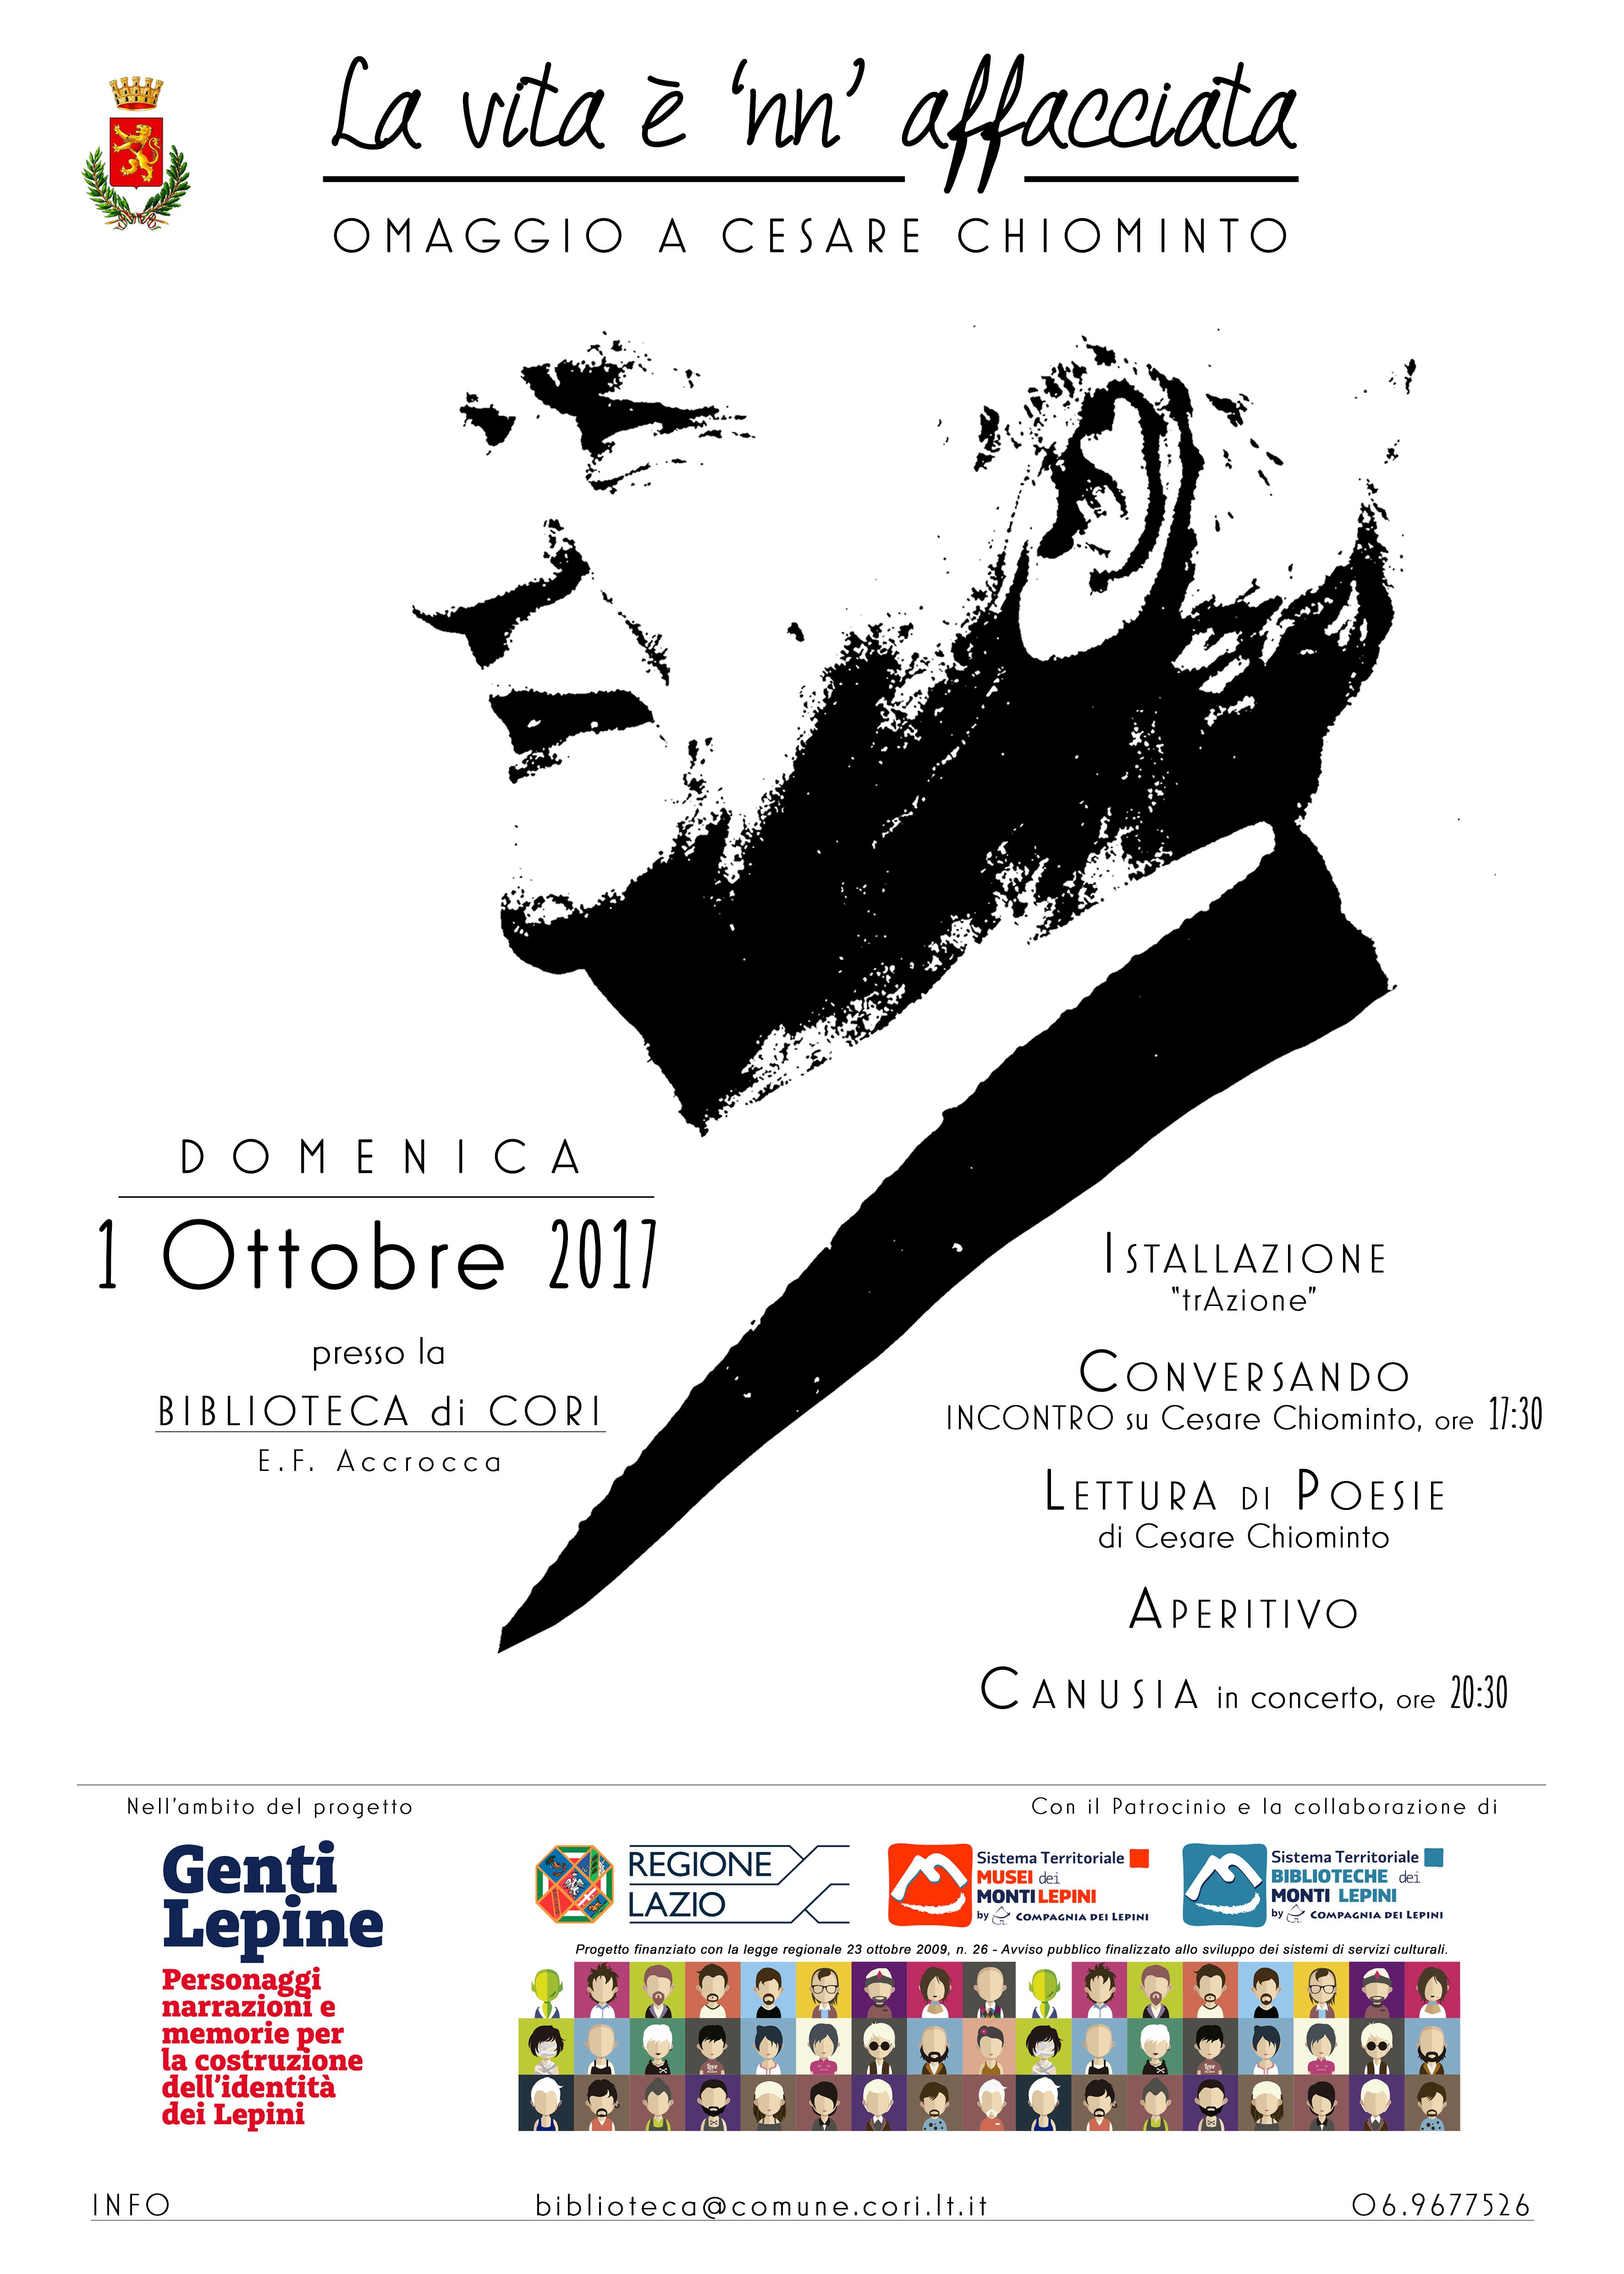 1-10-17-omaggio-a-chiominto-cori